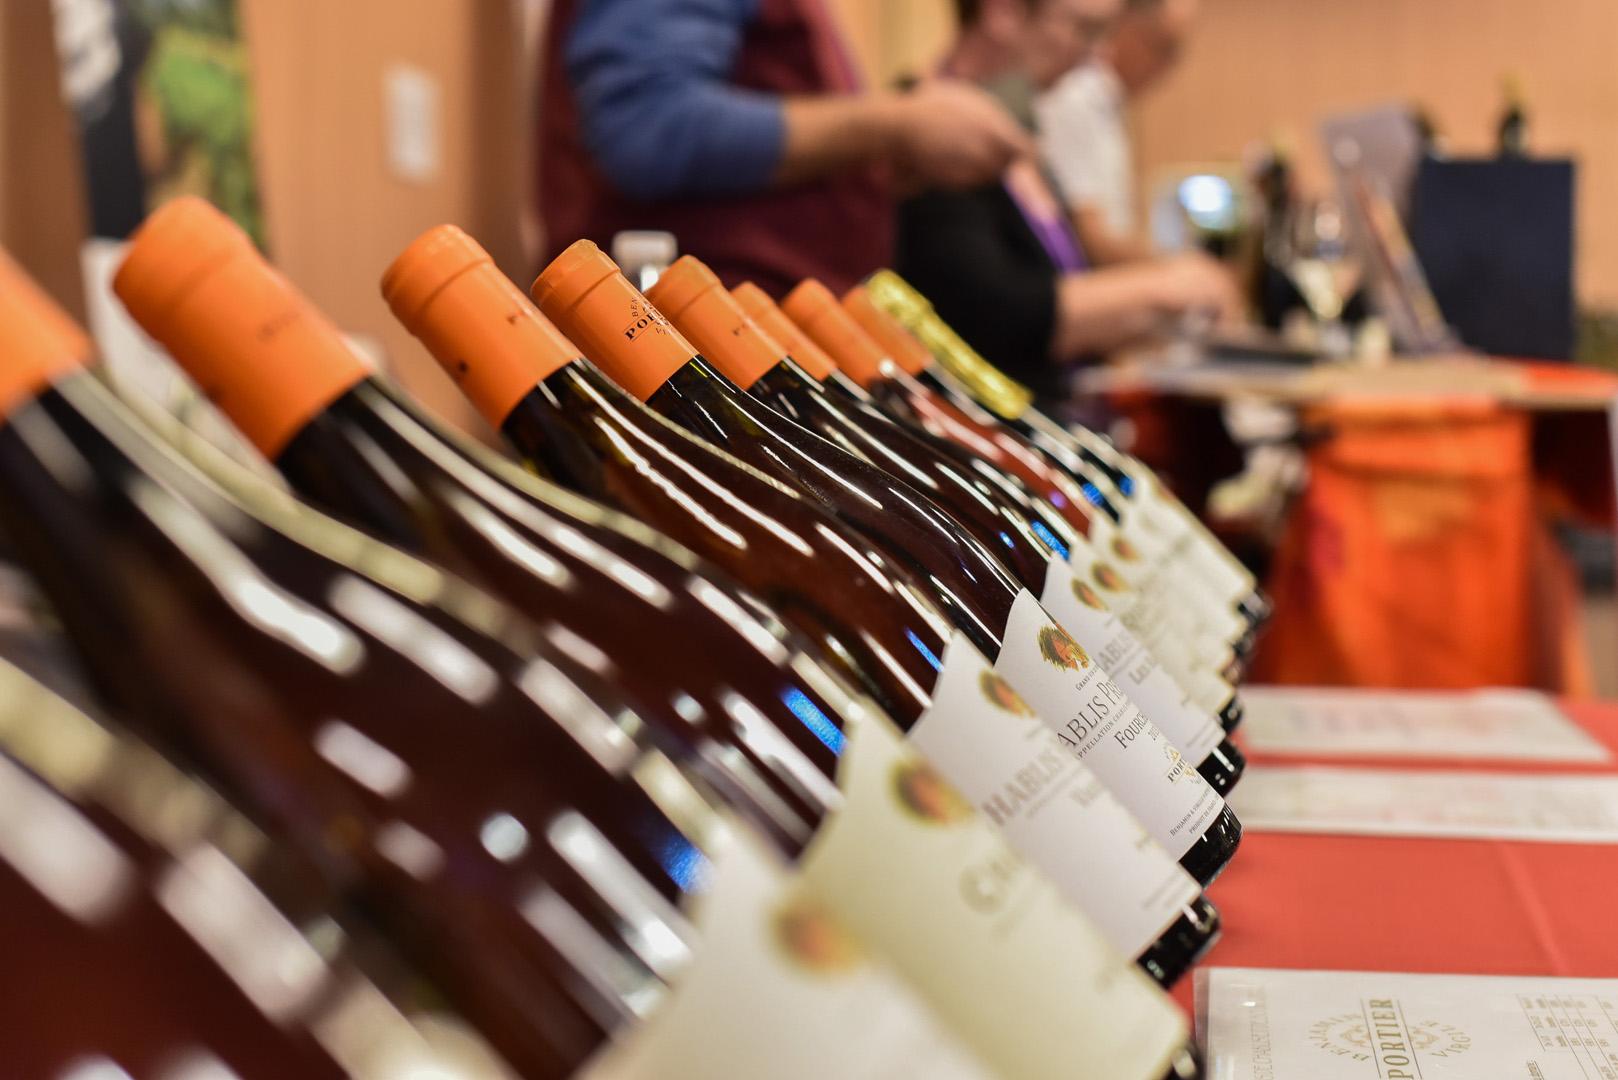 2016-10-17 - salon vinomedia villeurbanne041